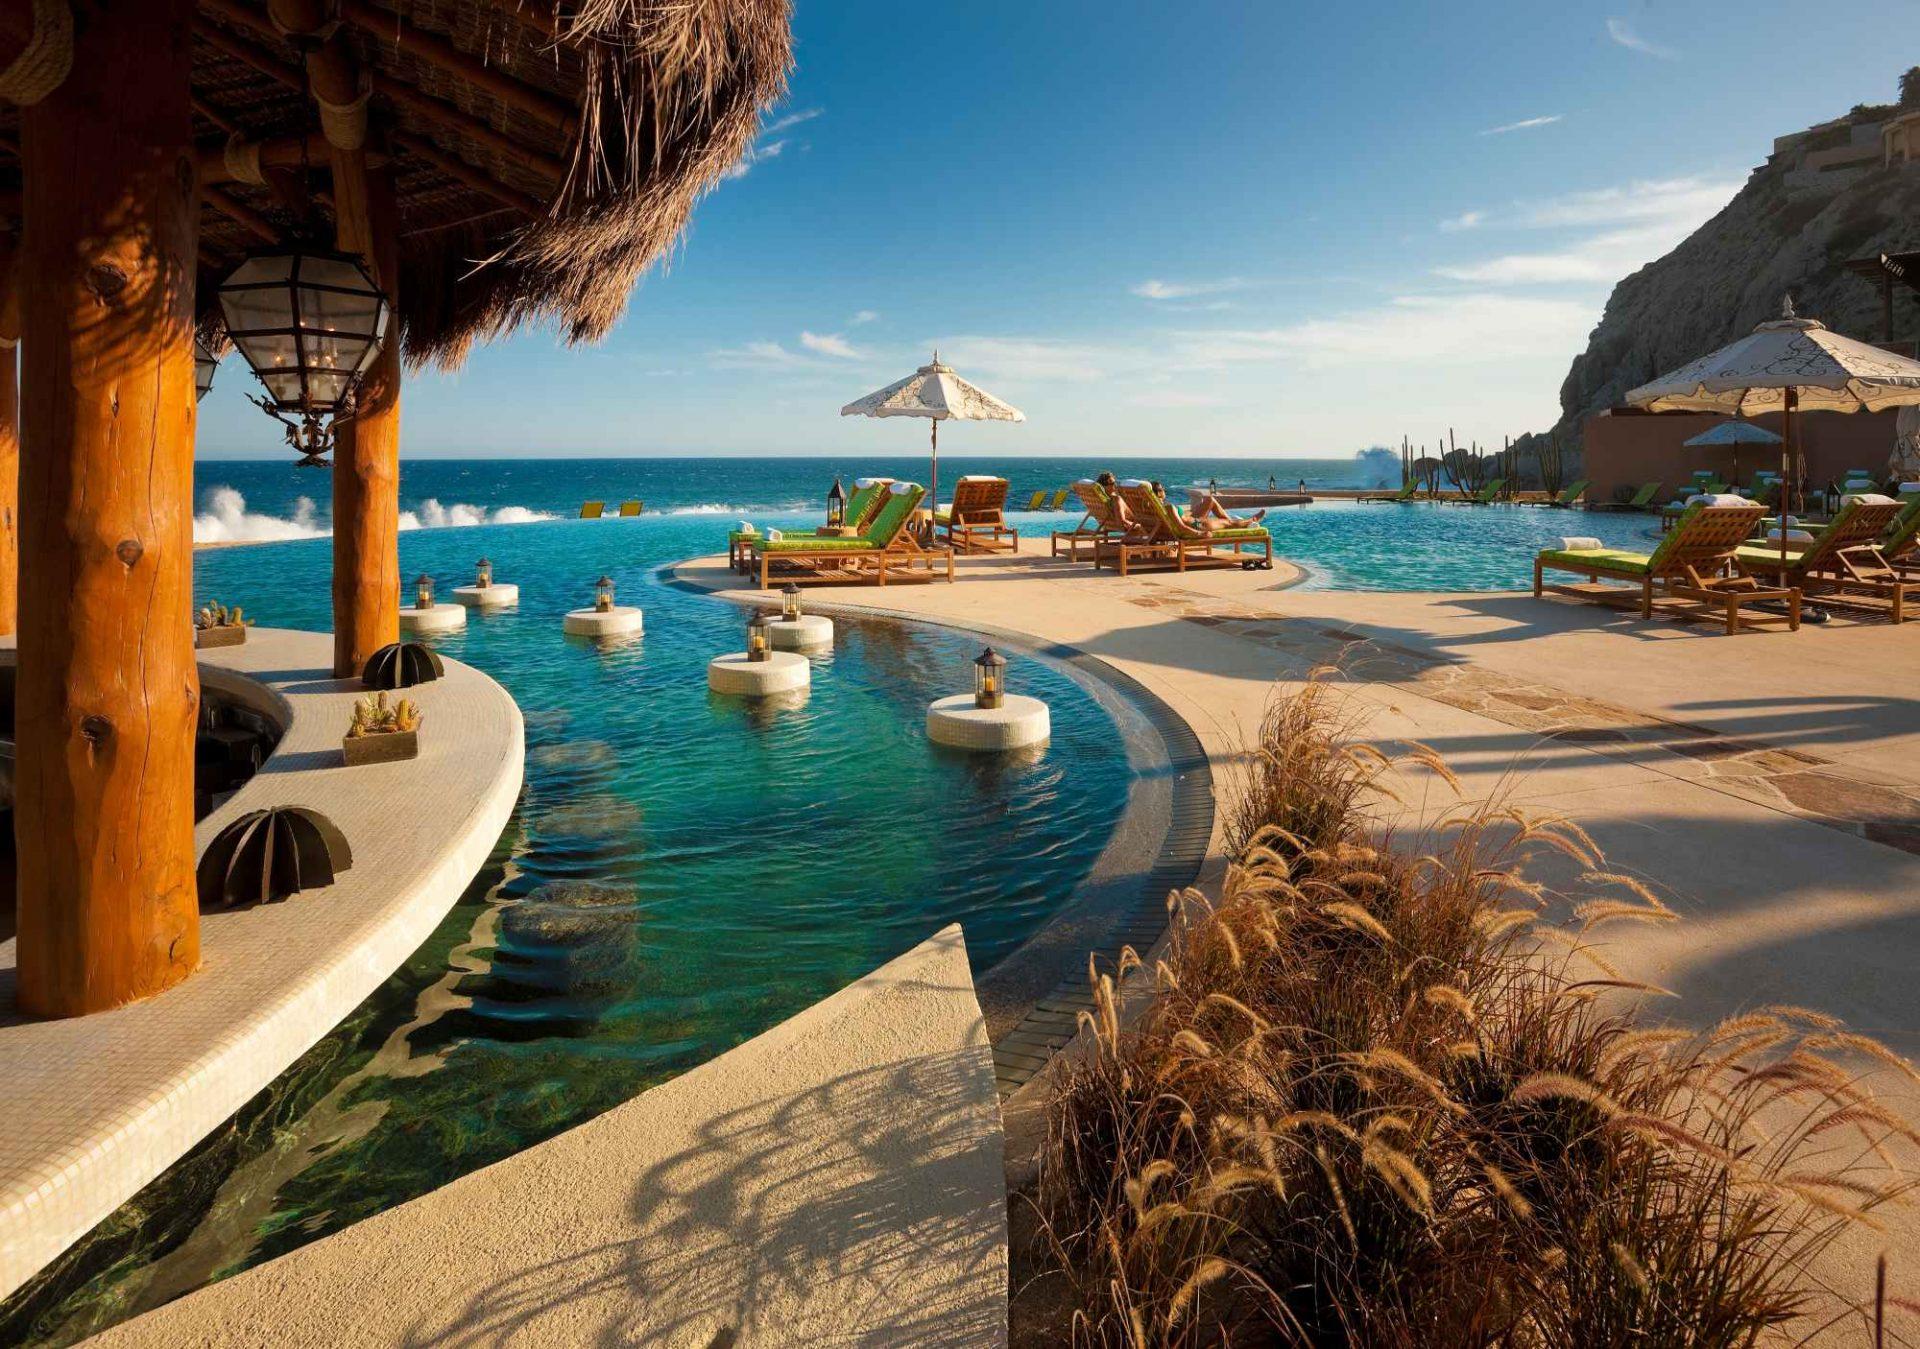 Pool The Resort at Pedregal